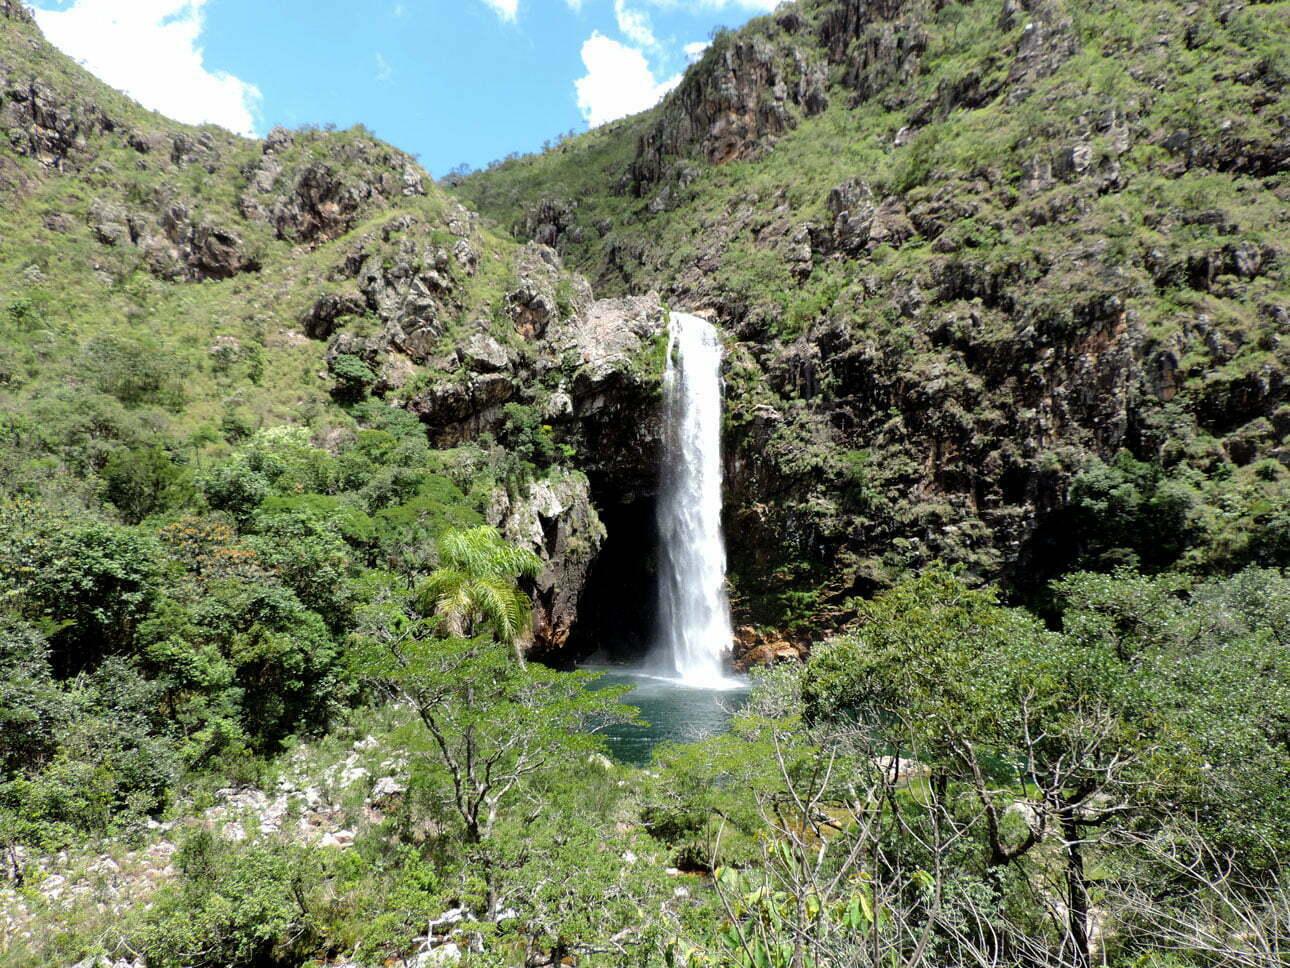 Lei do Snuc, imagem do Parque-Nacional-da-Serra-da-Canastra